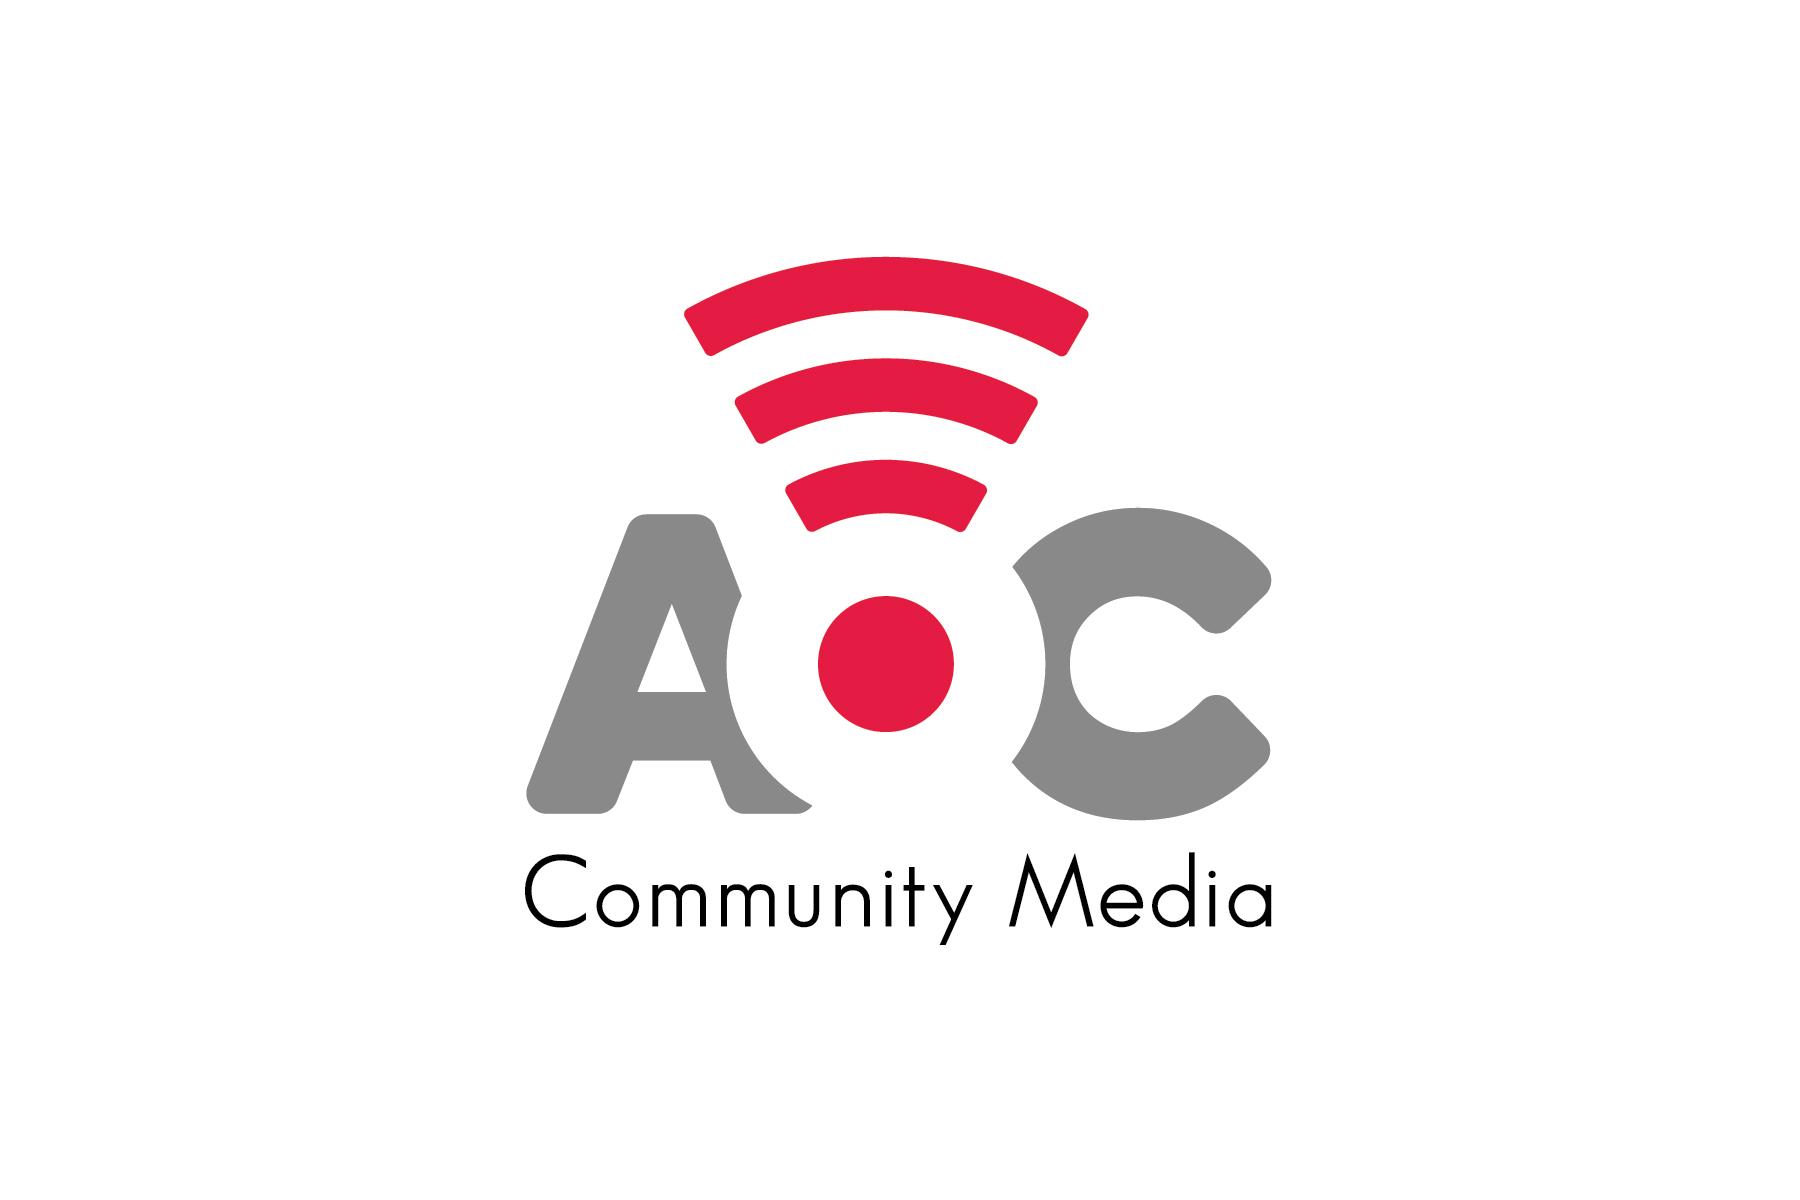 AOC Community Media